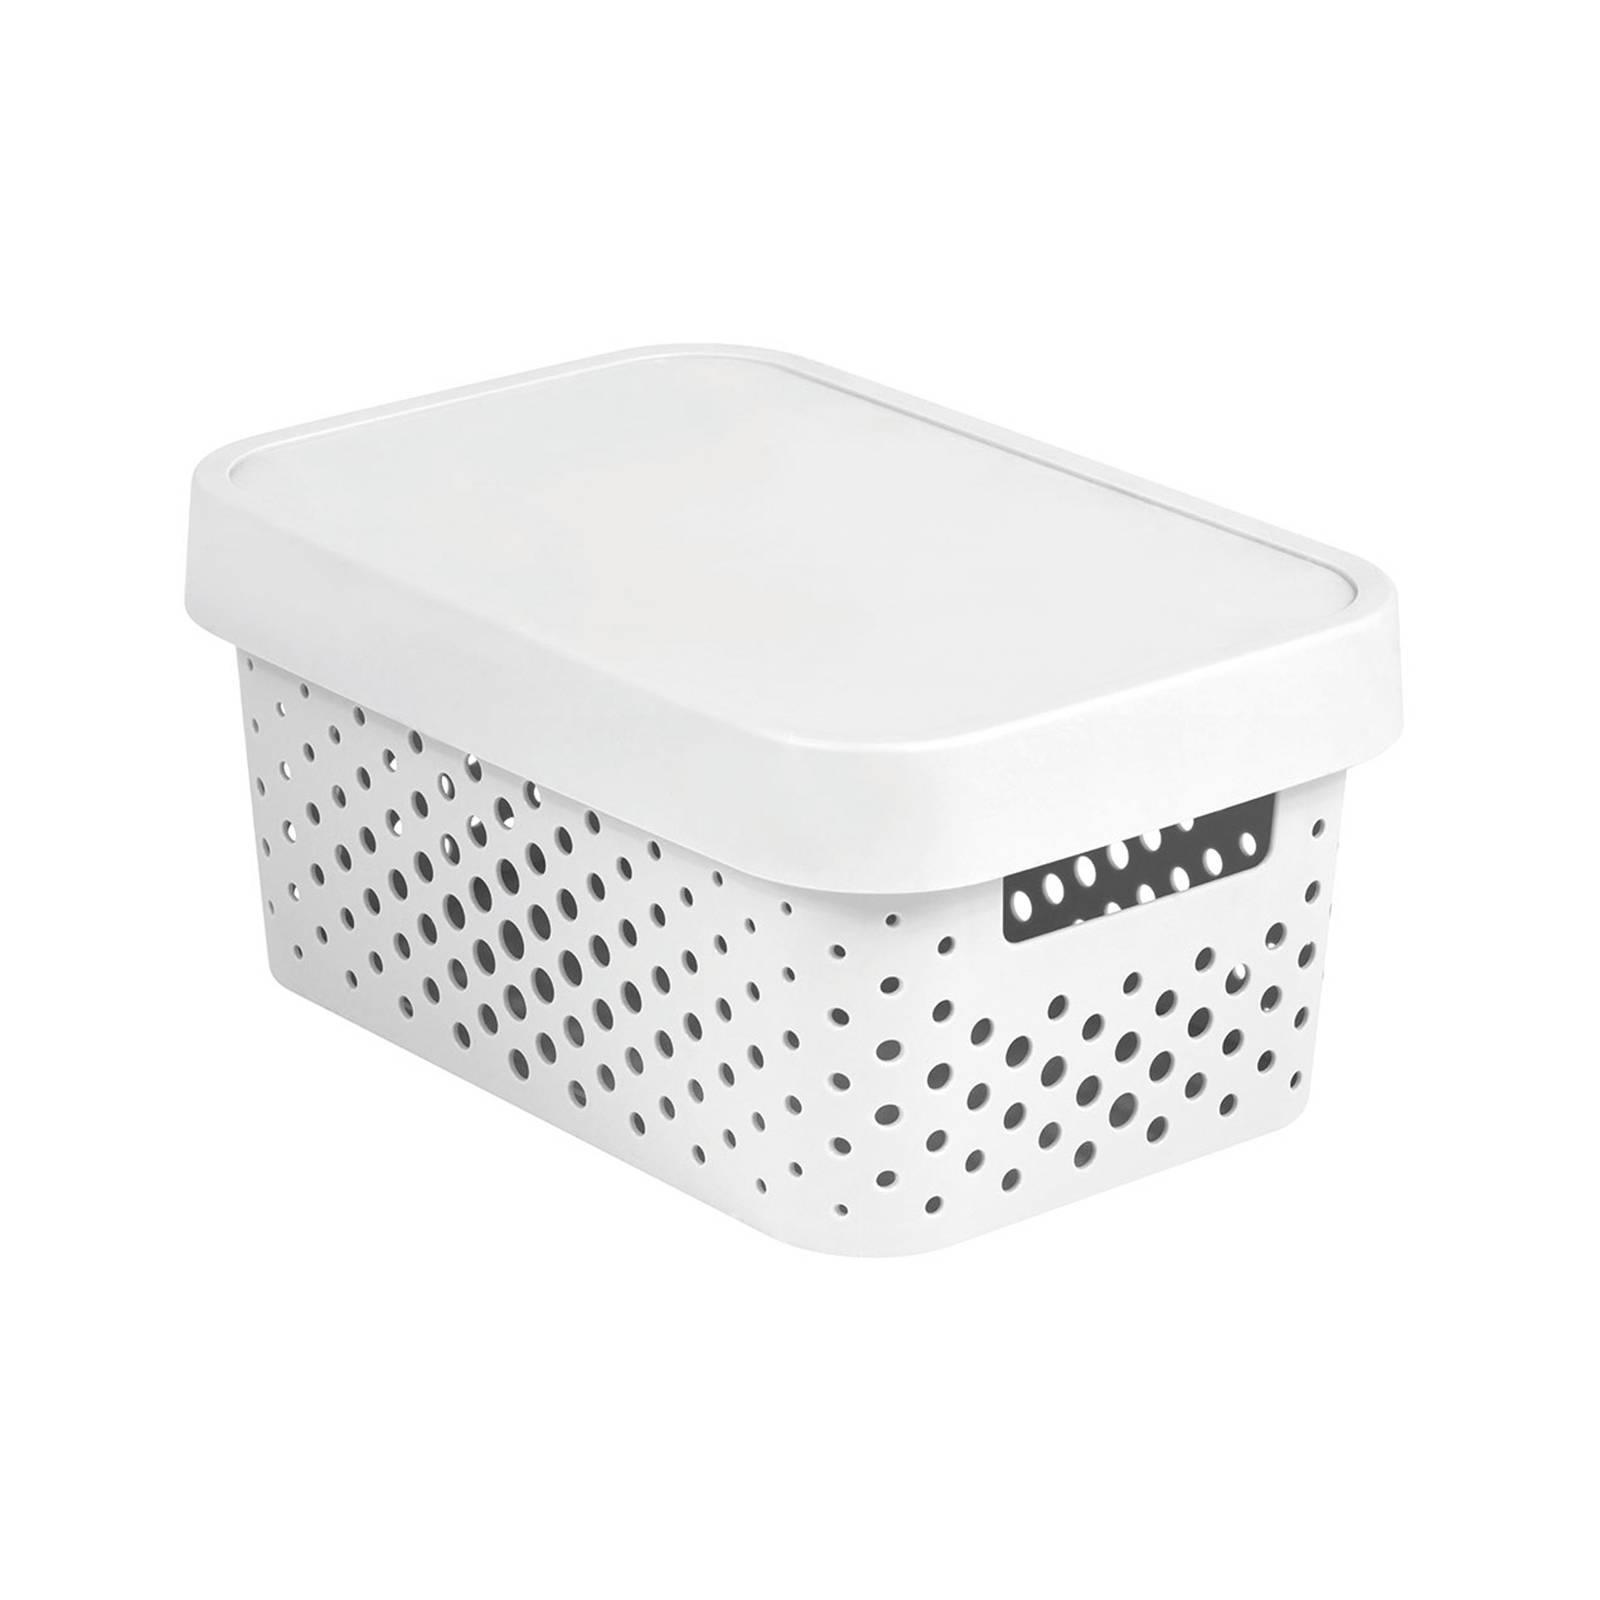 Förvaringslåda med lock genomskinnlig 4,5L Infinity vit CURVER